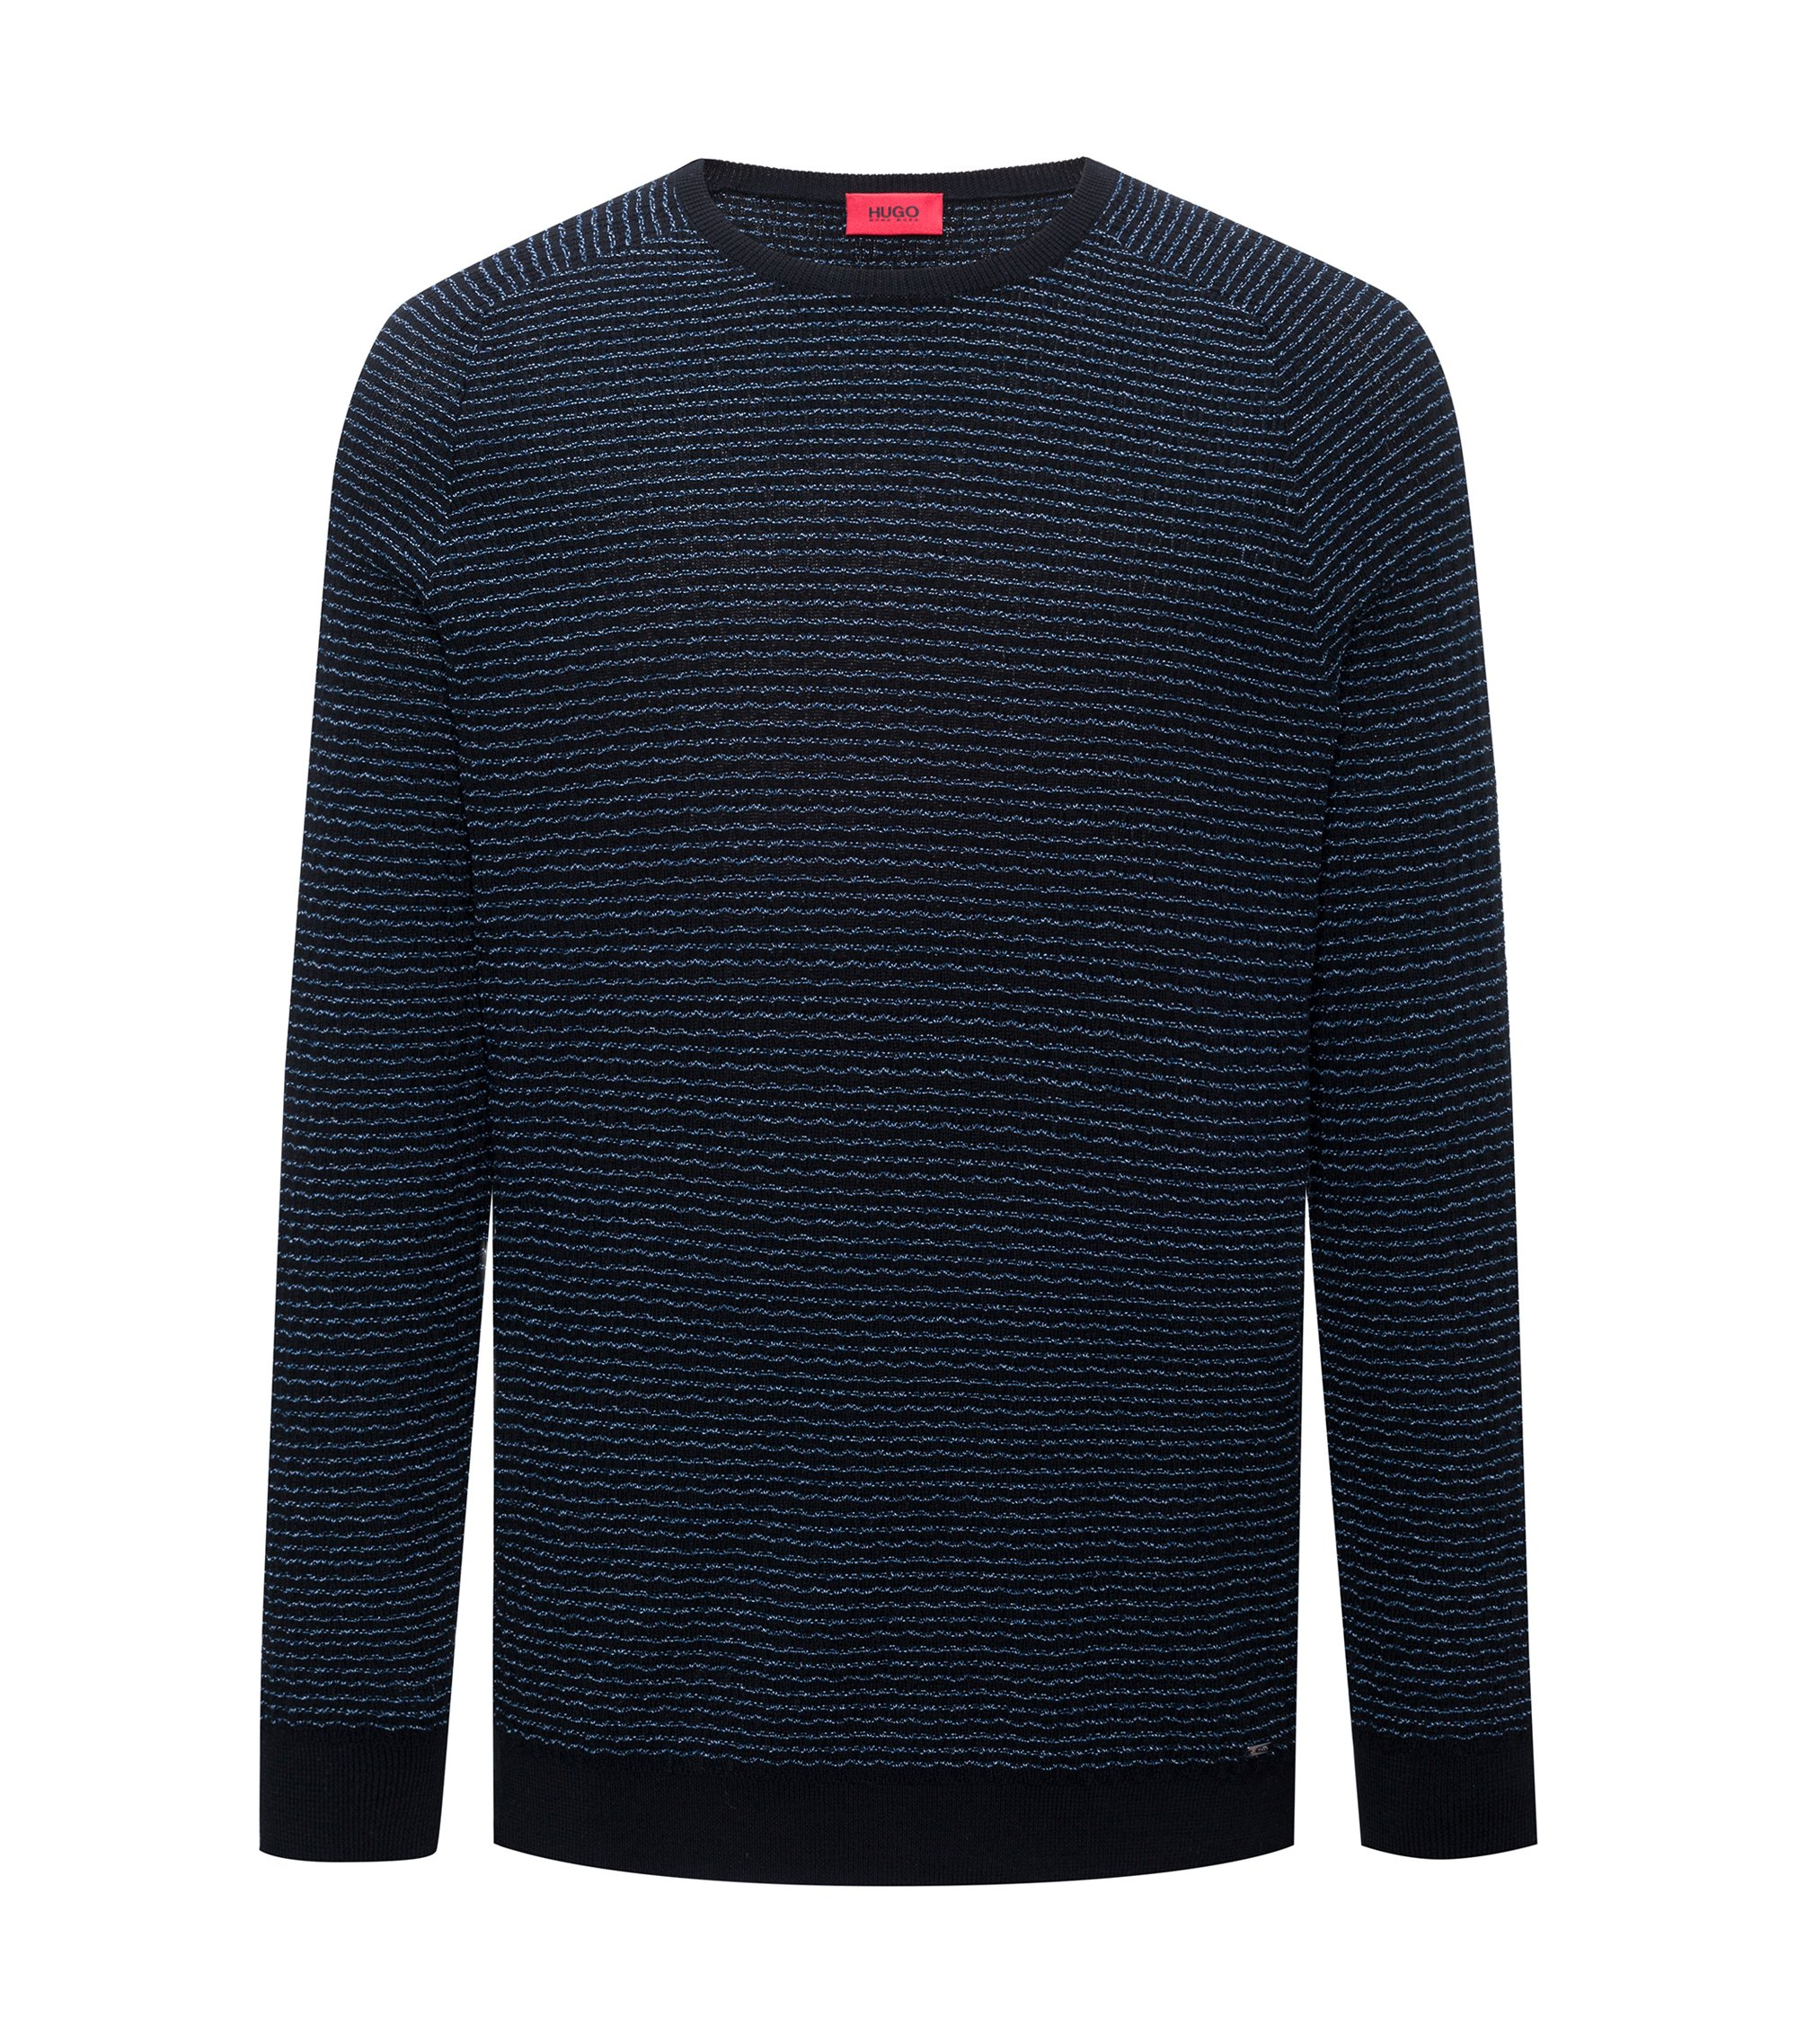 Baumwoll-Pullover mit Seersucker-Struktur, Schwarz